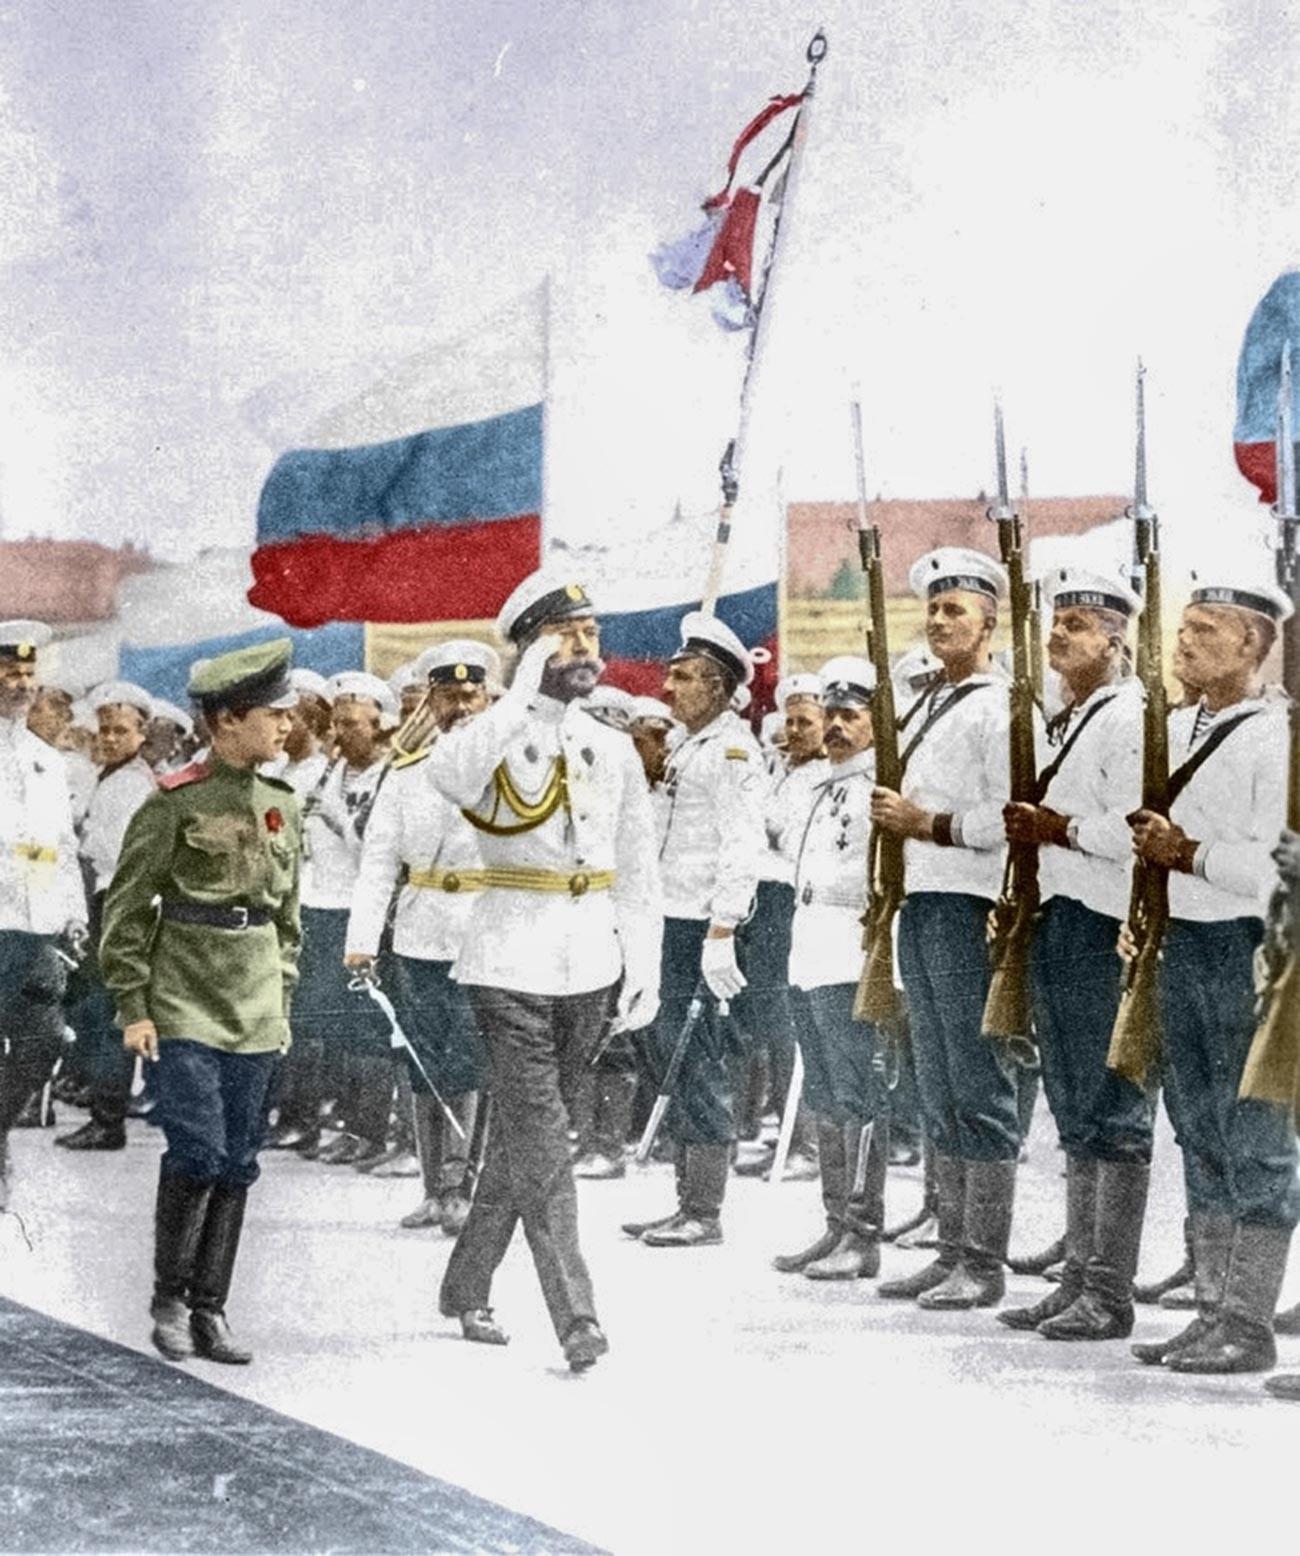 В 1896 году император Николай II установил бело-сине-красный флаг как национальный